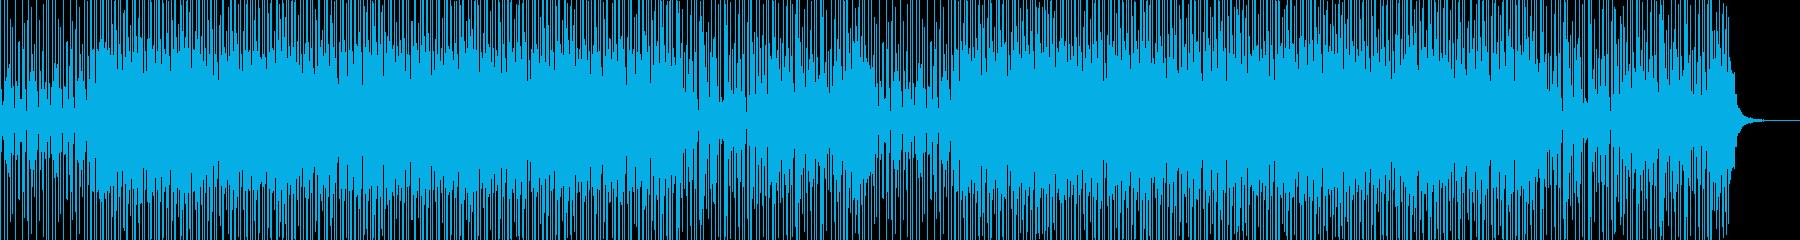 ノリのいいスラップベース ファンクの再生済みの波形